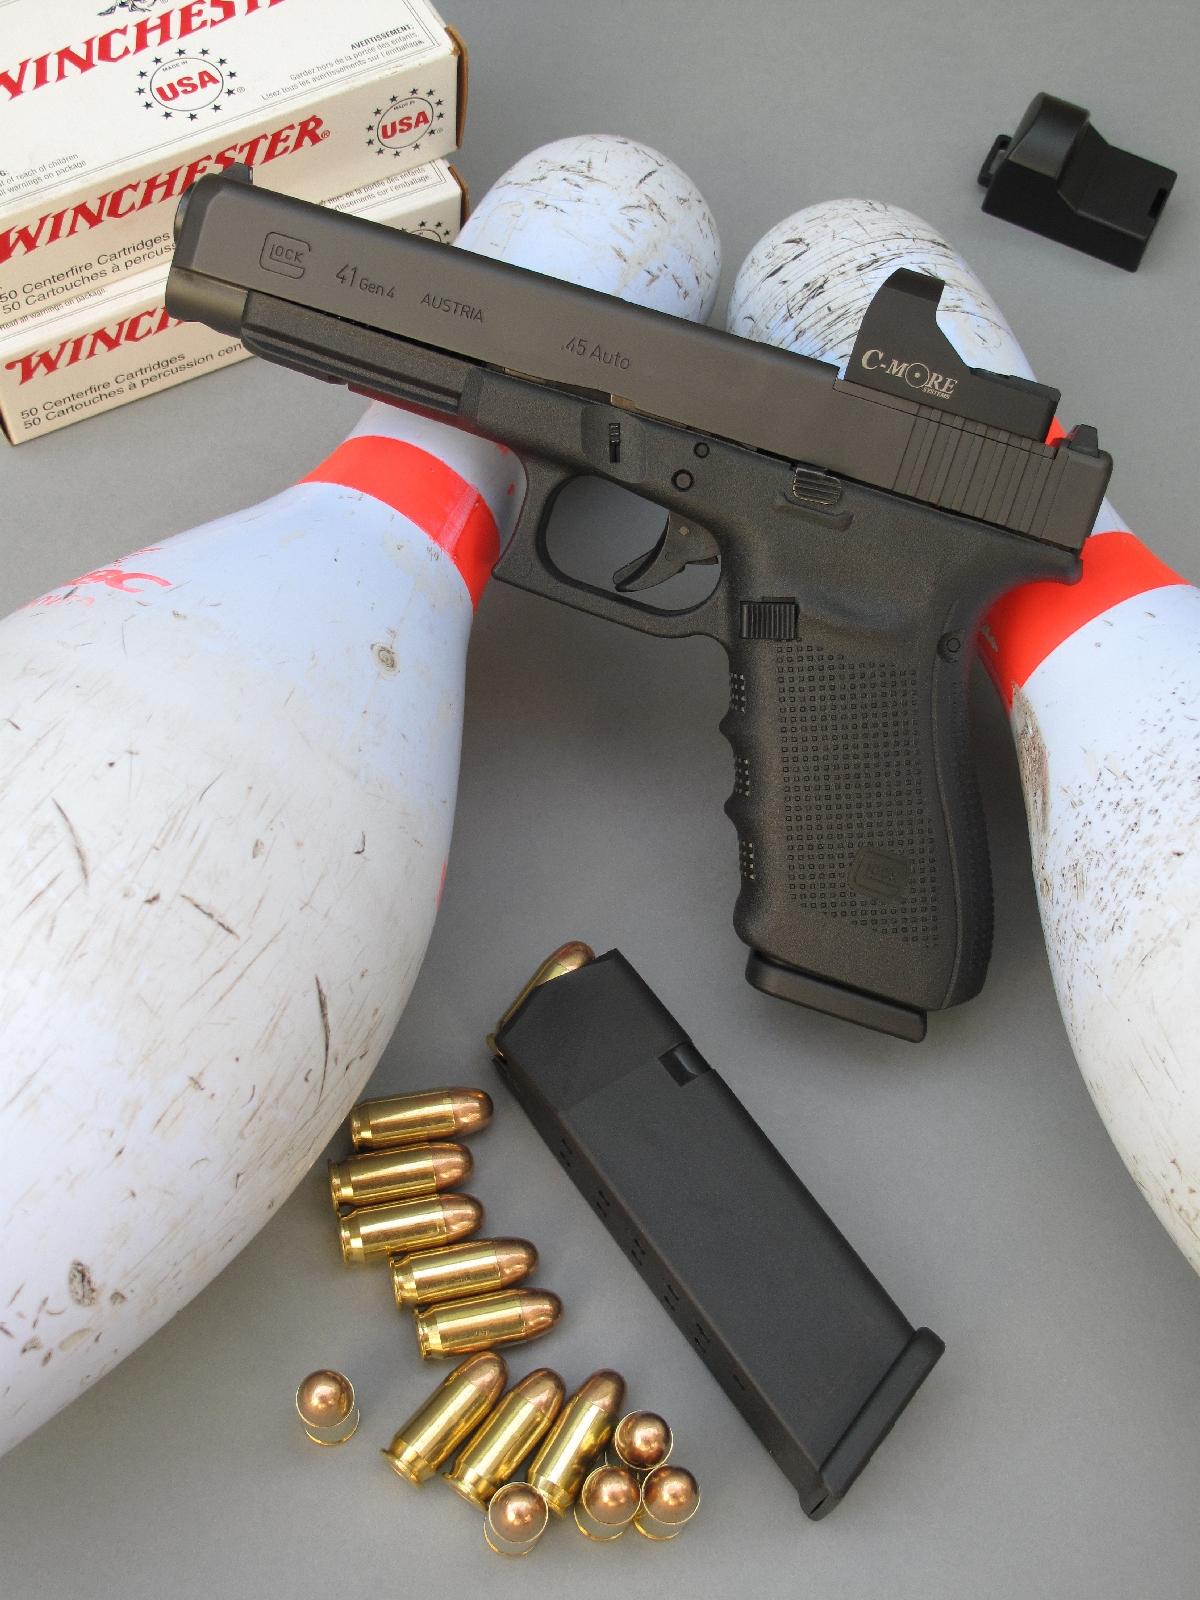 Le pistolet semi-automatique Glock 41 MOS est équipé ici d'un viseur reflex « STS » de la firme américaine C-More Systems.